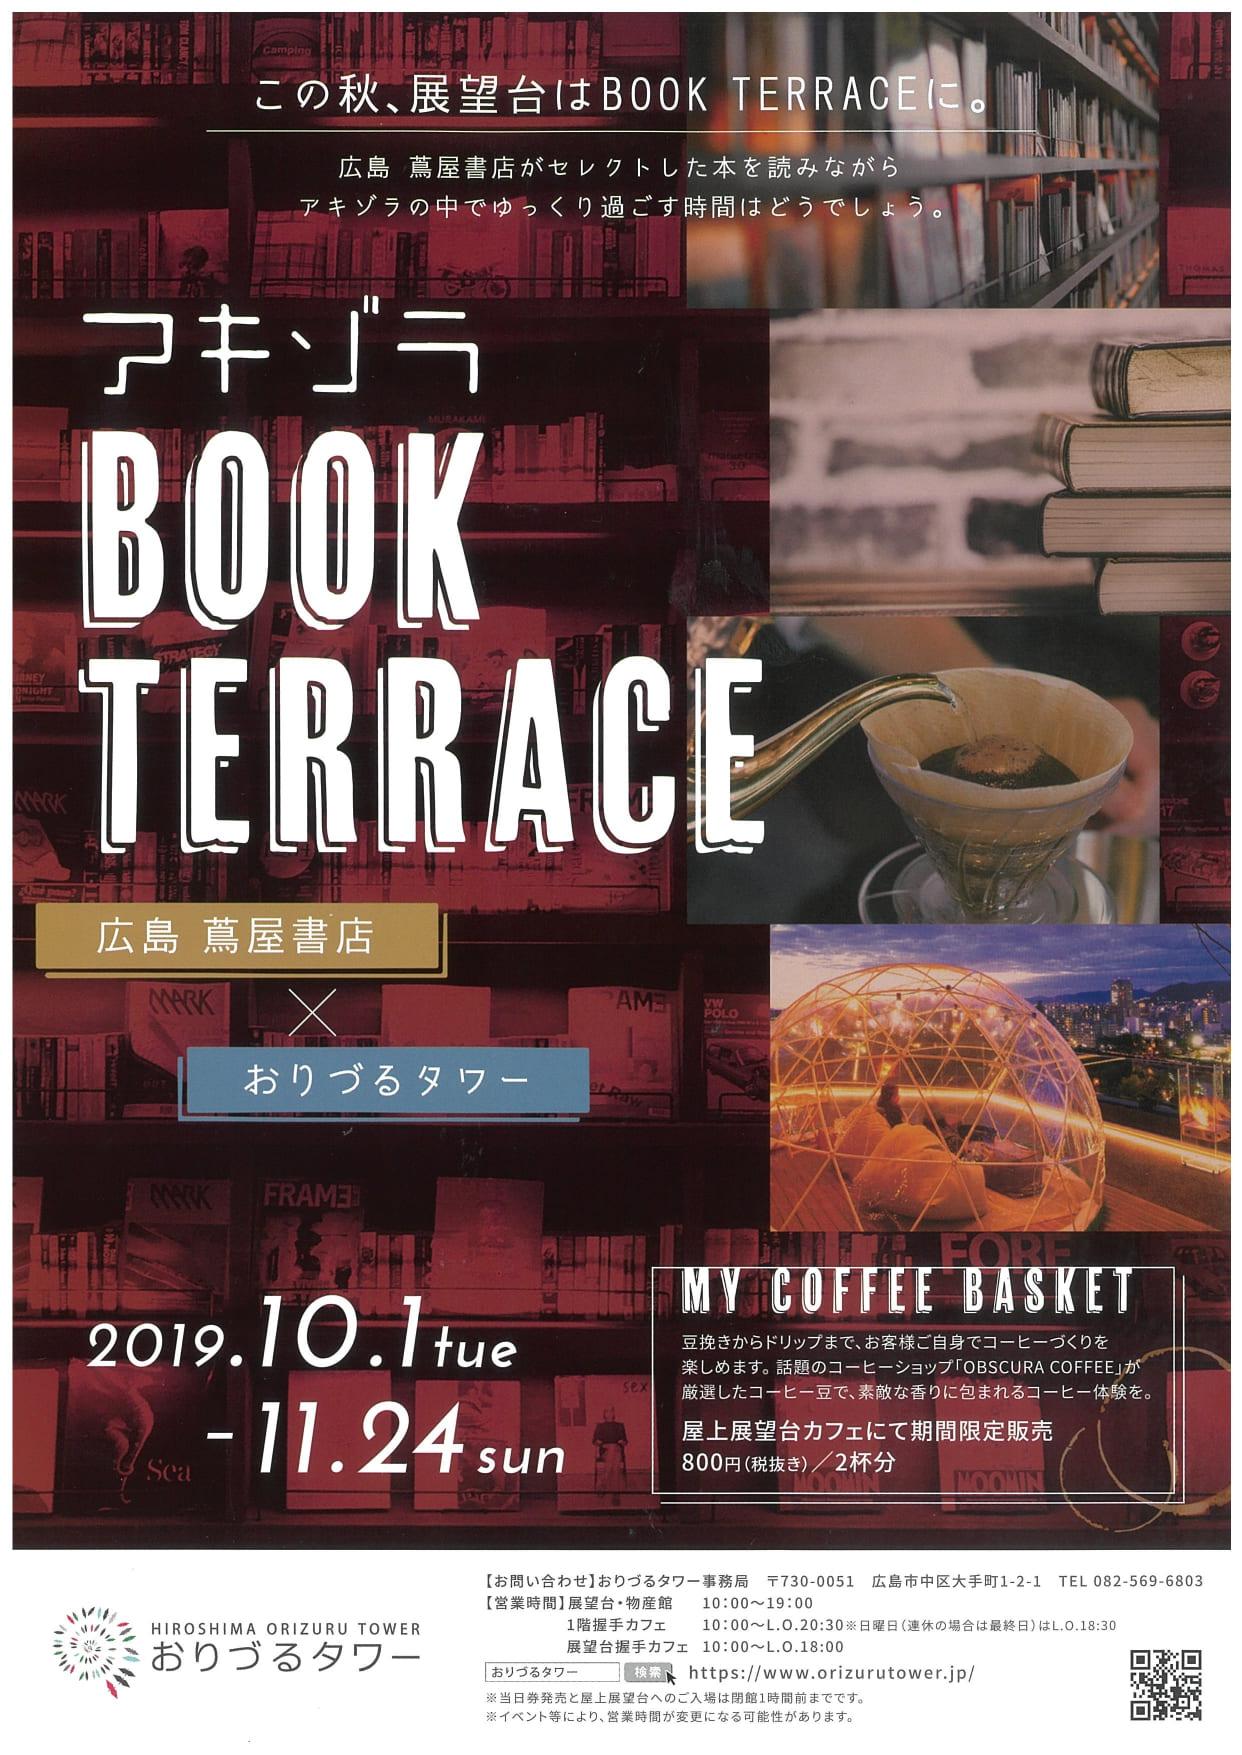 アキゾラ BOOK TERRACE A4フライヤー_pages-to-jpg-0001(1)